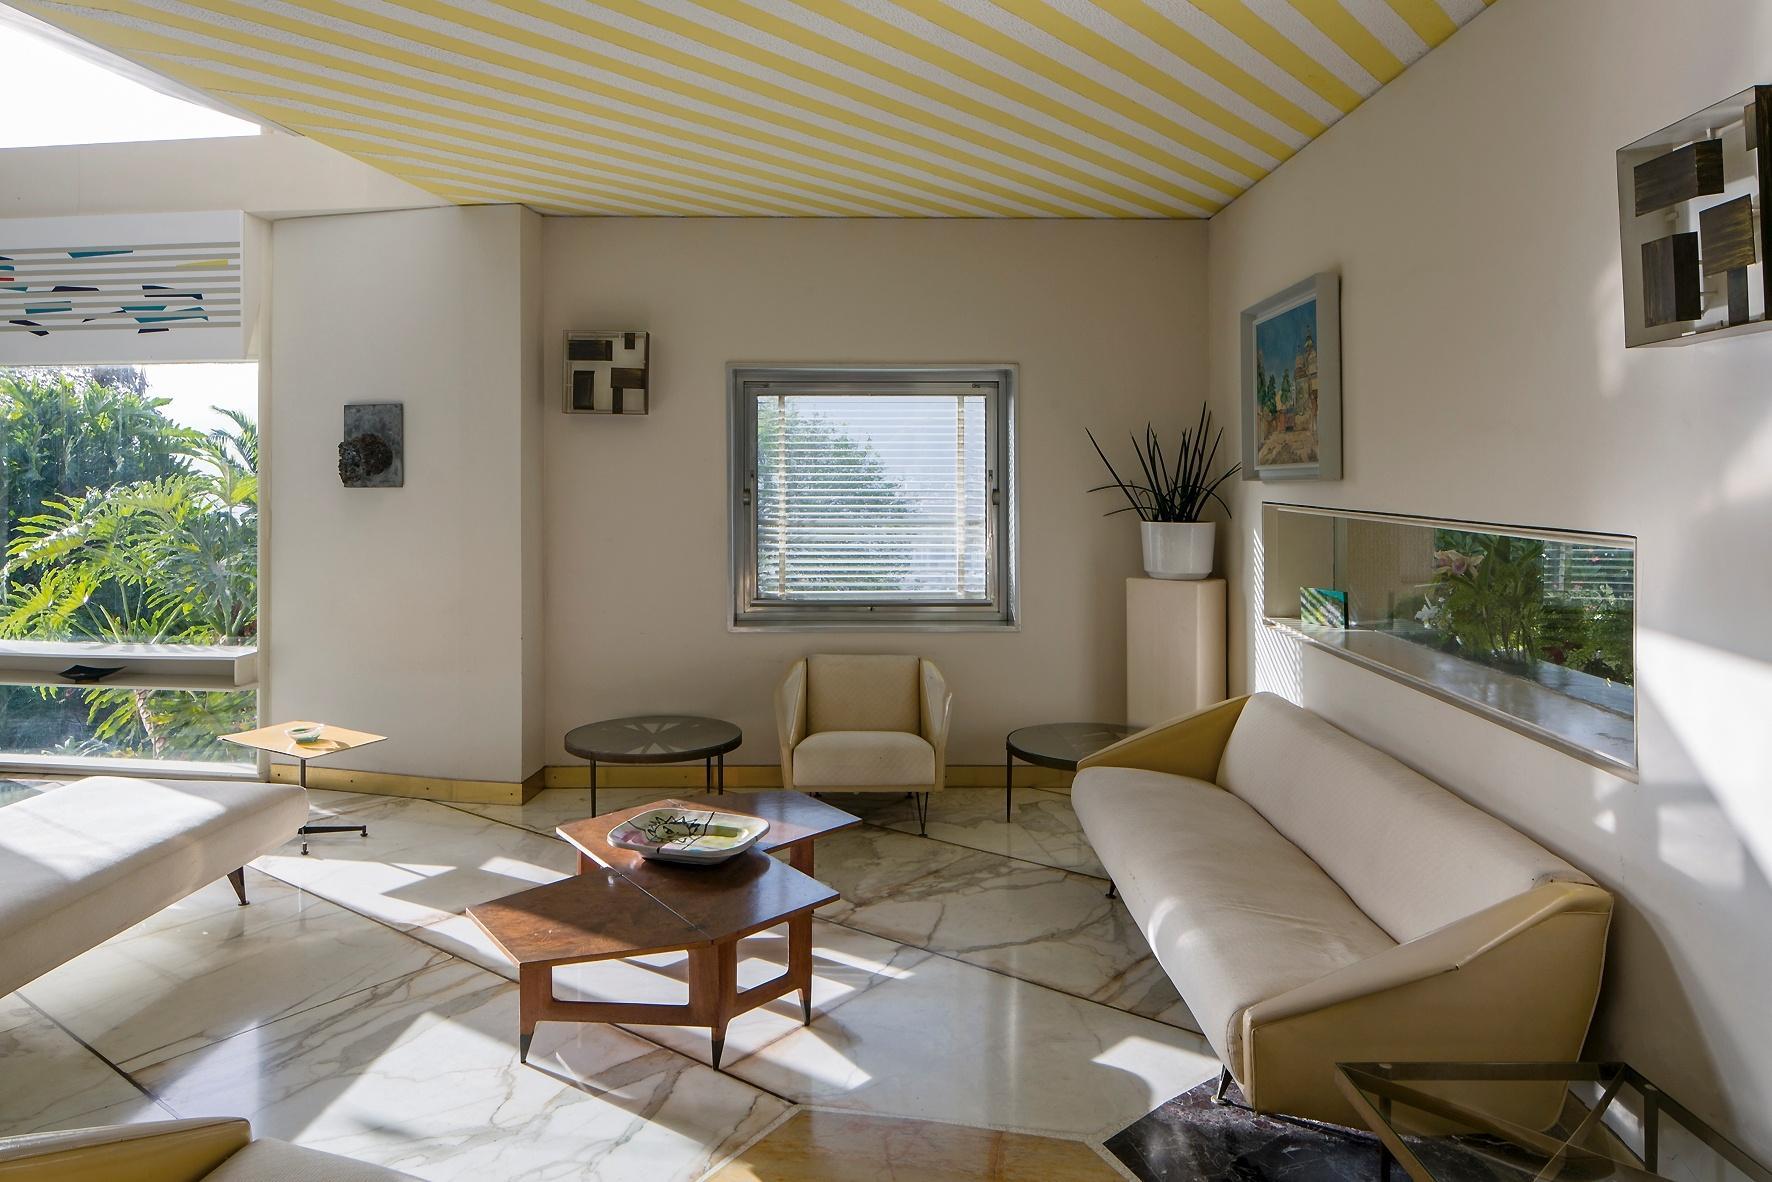 No estar da Villa Planchart chamam a atenção a janela-vitrine (sobre o sofá), o piso de mármore colorido e o teto com listras brancas e amarelas. A casa foi projetada pelo arquiteto italiano Gio Ponti, na Venezuela, e se propõe a conciliar arquitetura, mobiliário e os objetos pessoais dos antigos moradores